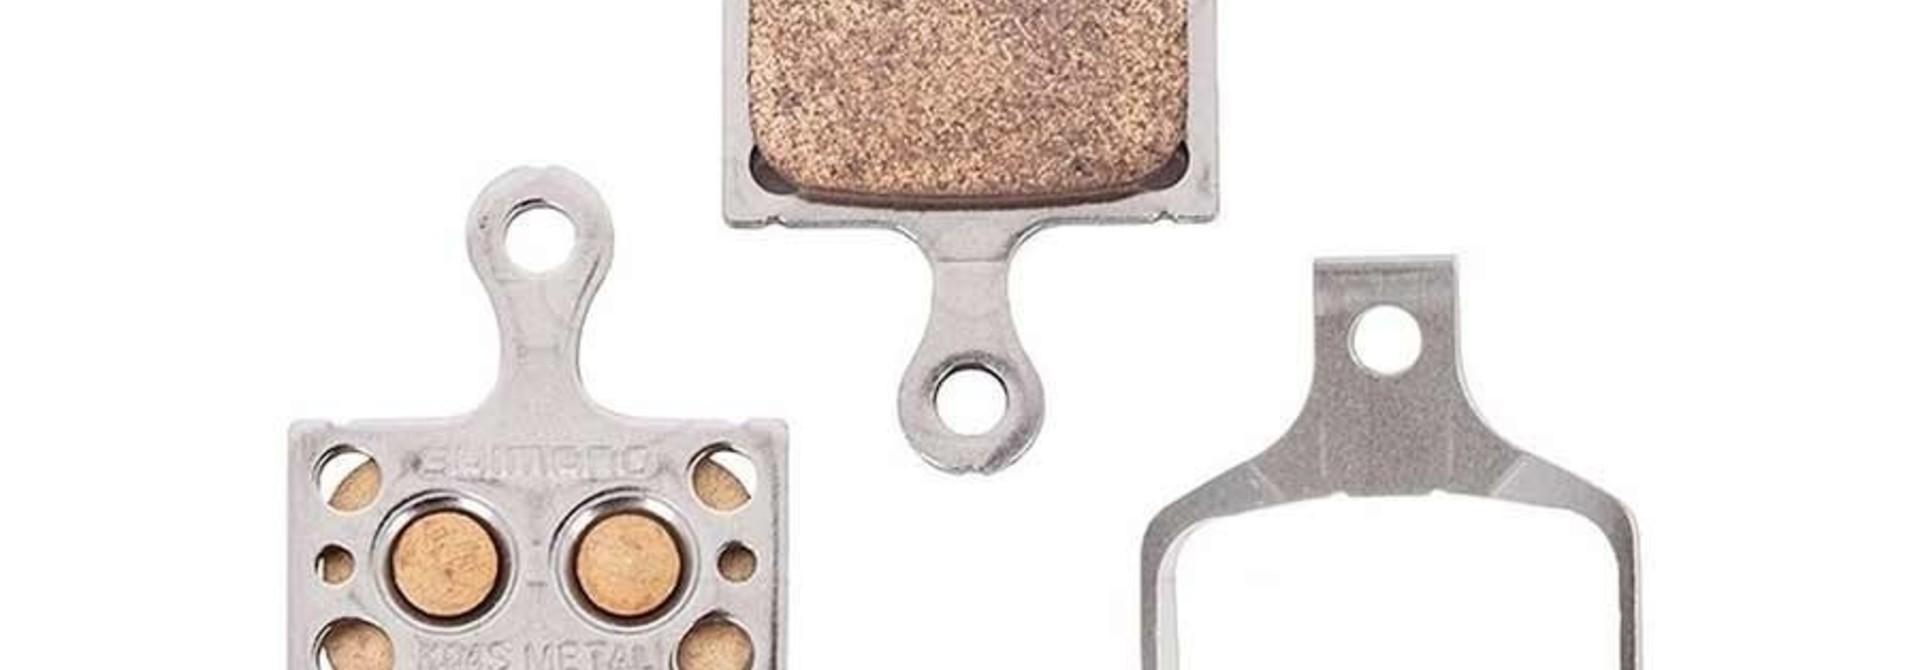 Shimano, K04Ti, Disc Brake Pads, Shape: Shimano K-Type/L-Type, Metallic, Pair